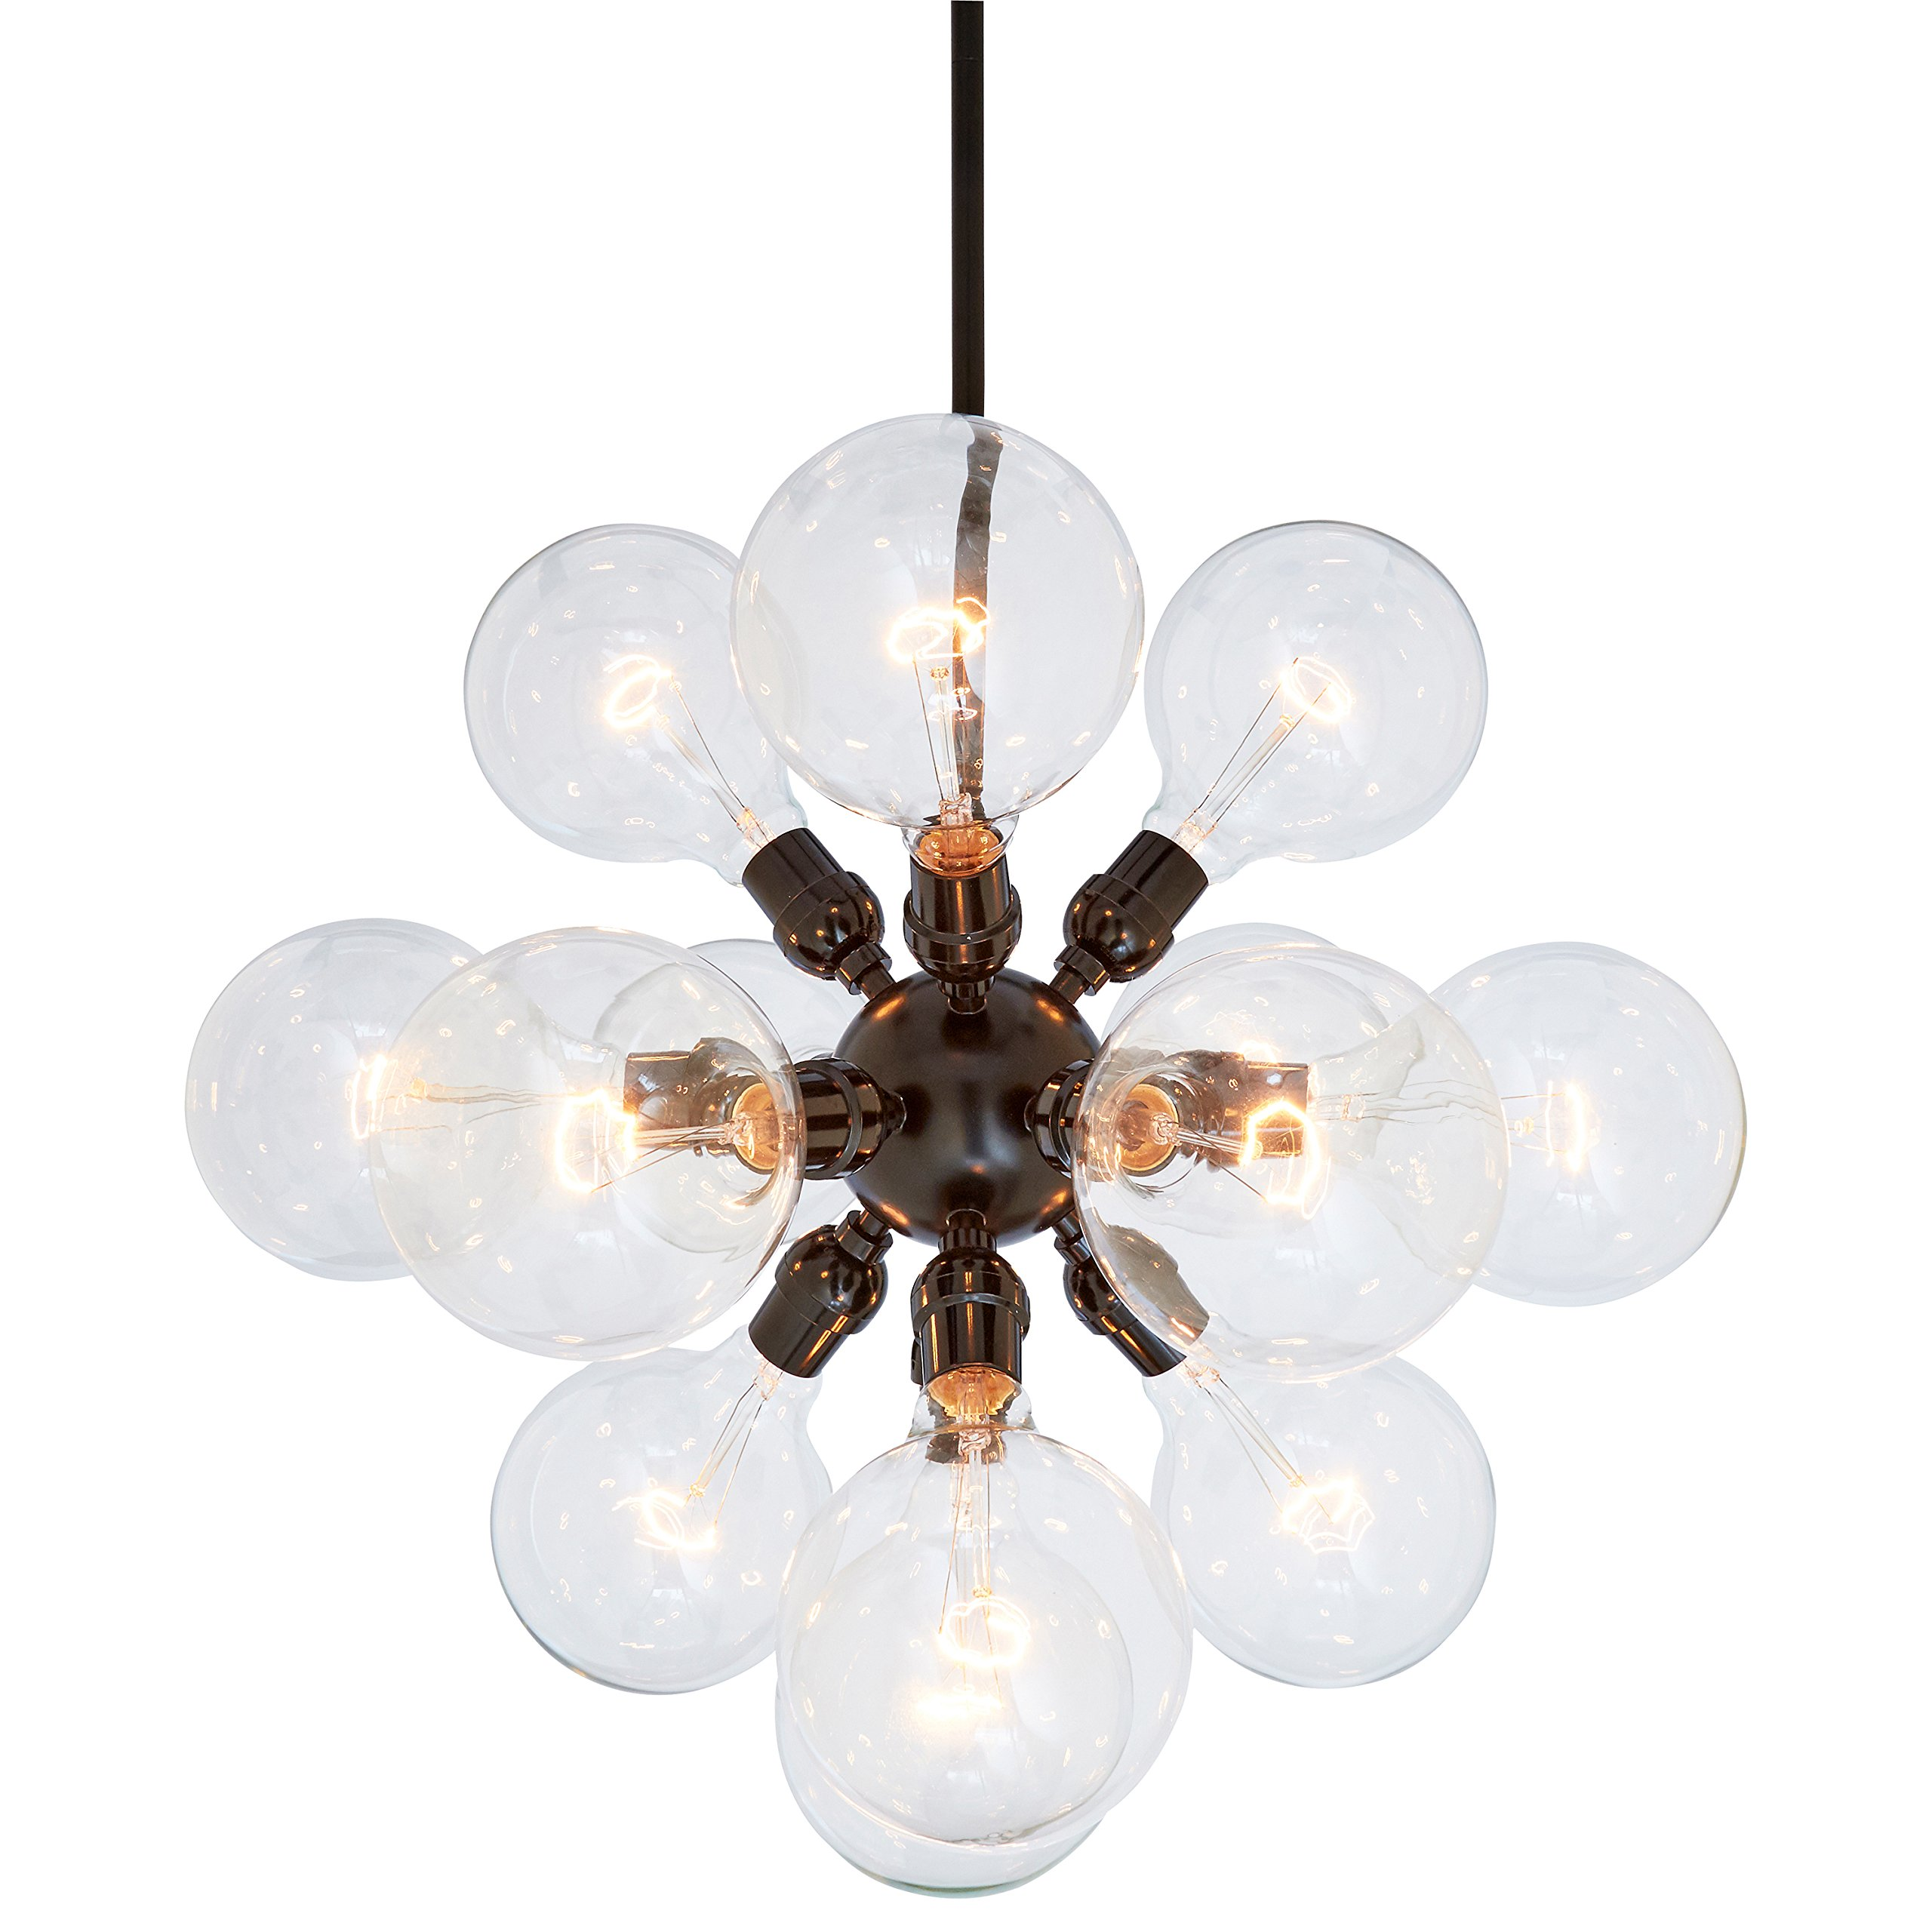 Rivet Satellite 15-Bulb Chandelier, 44.75''H, With Bulbs, Black